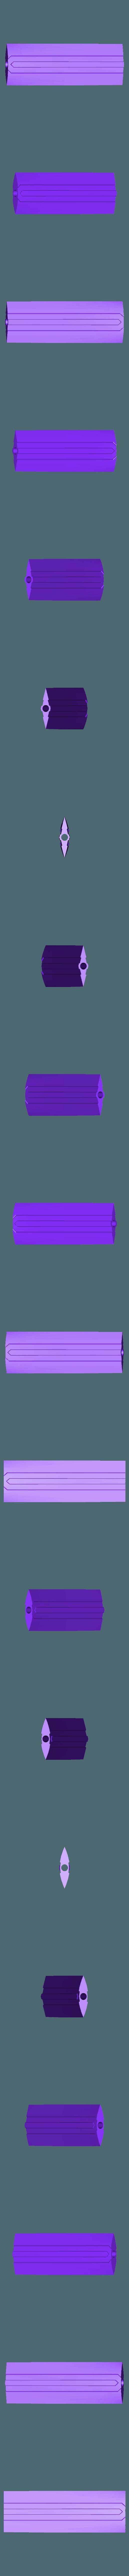 sword - lame_moyen.stl Télécharger fichier STL gratuit Link Goddess Sword (without painting) • Design pour imprimante 3D, lipki